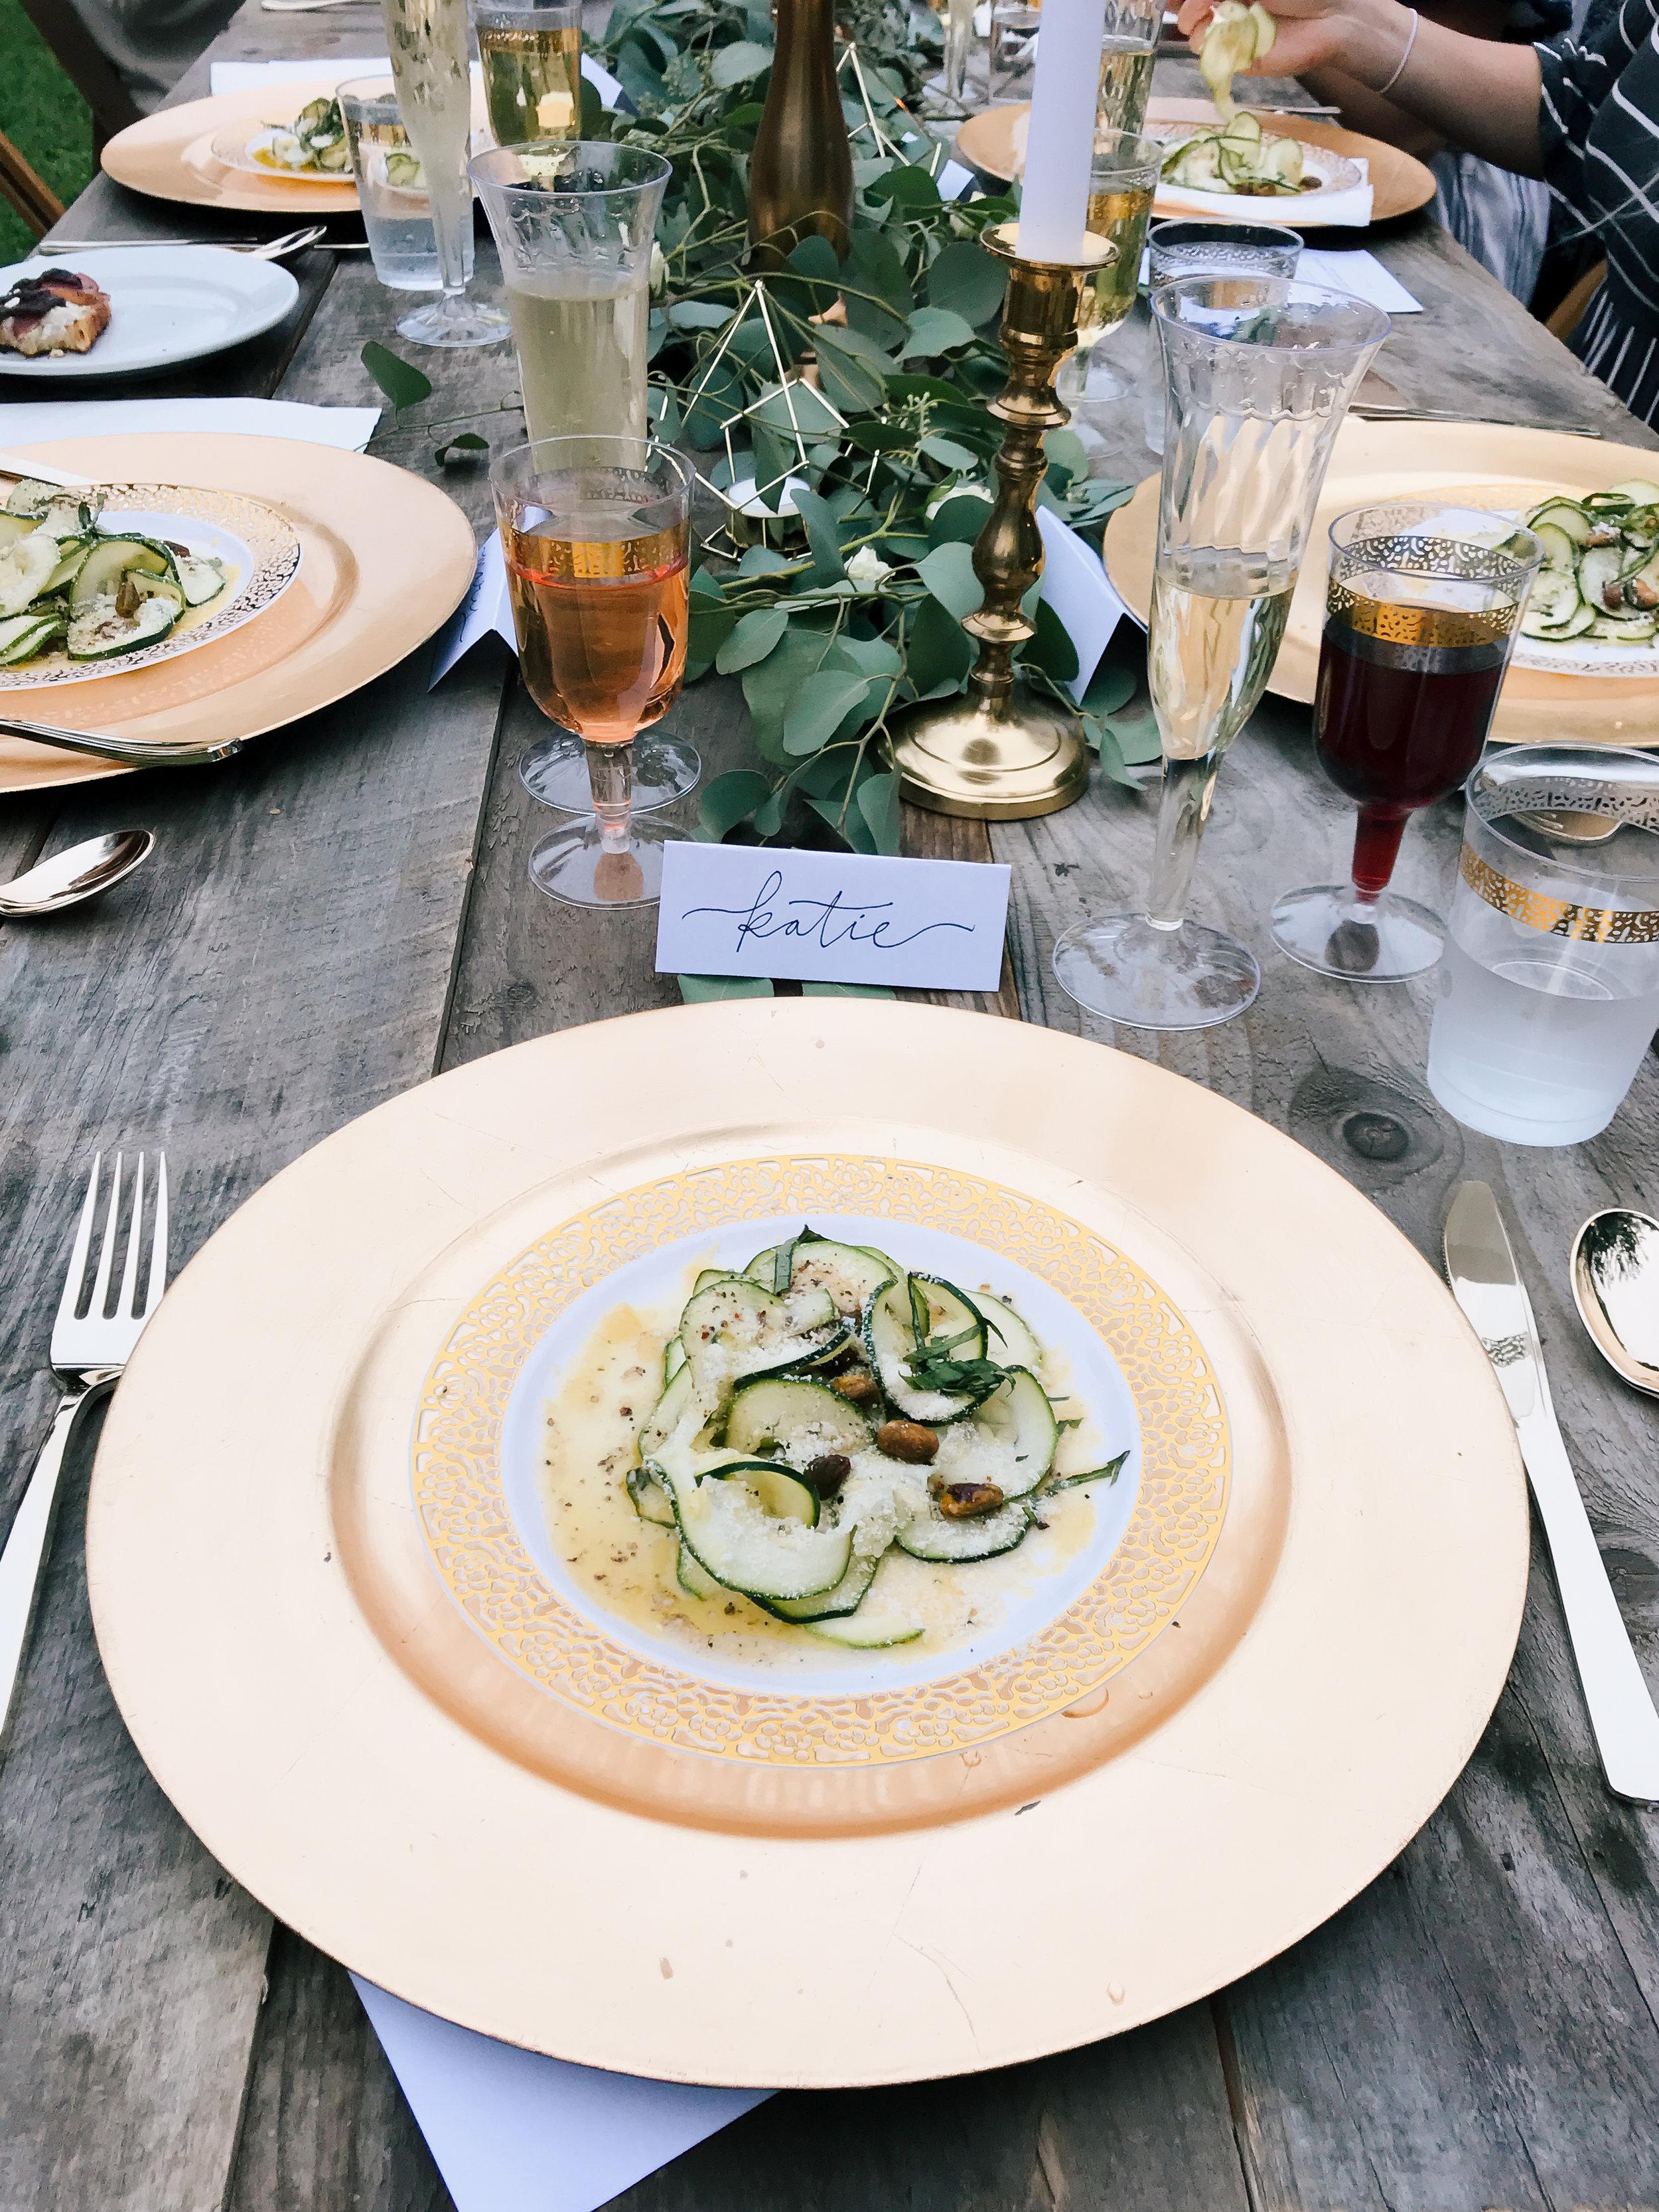 chef_tyler_ray_glamping_bachelorette_dinner .jpg